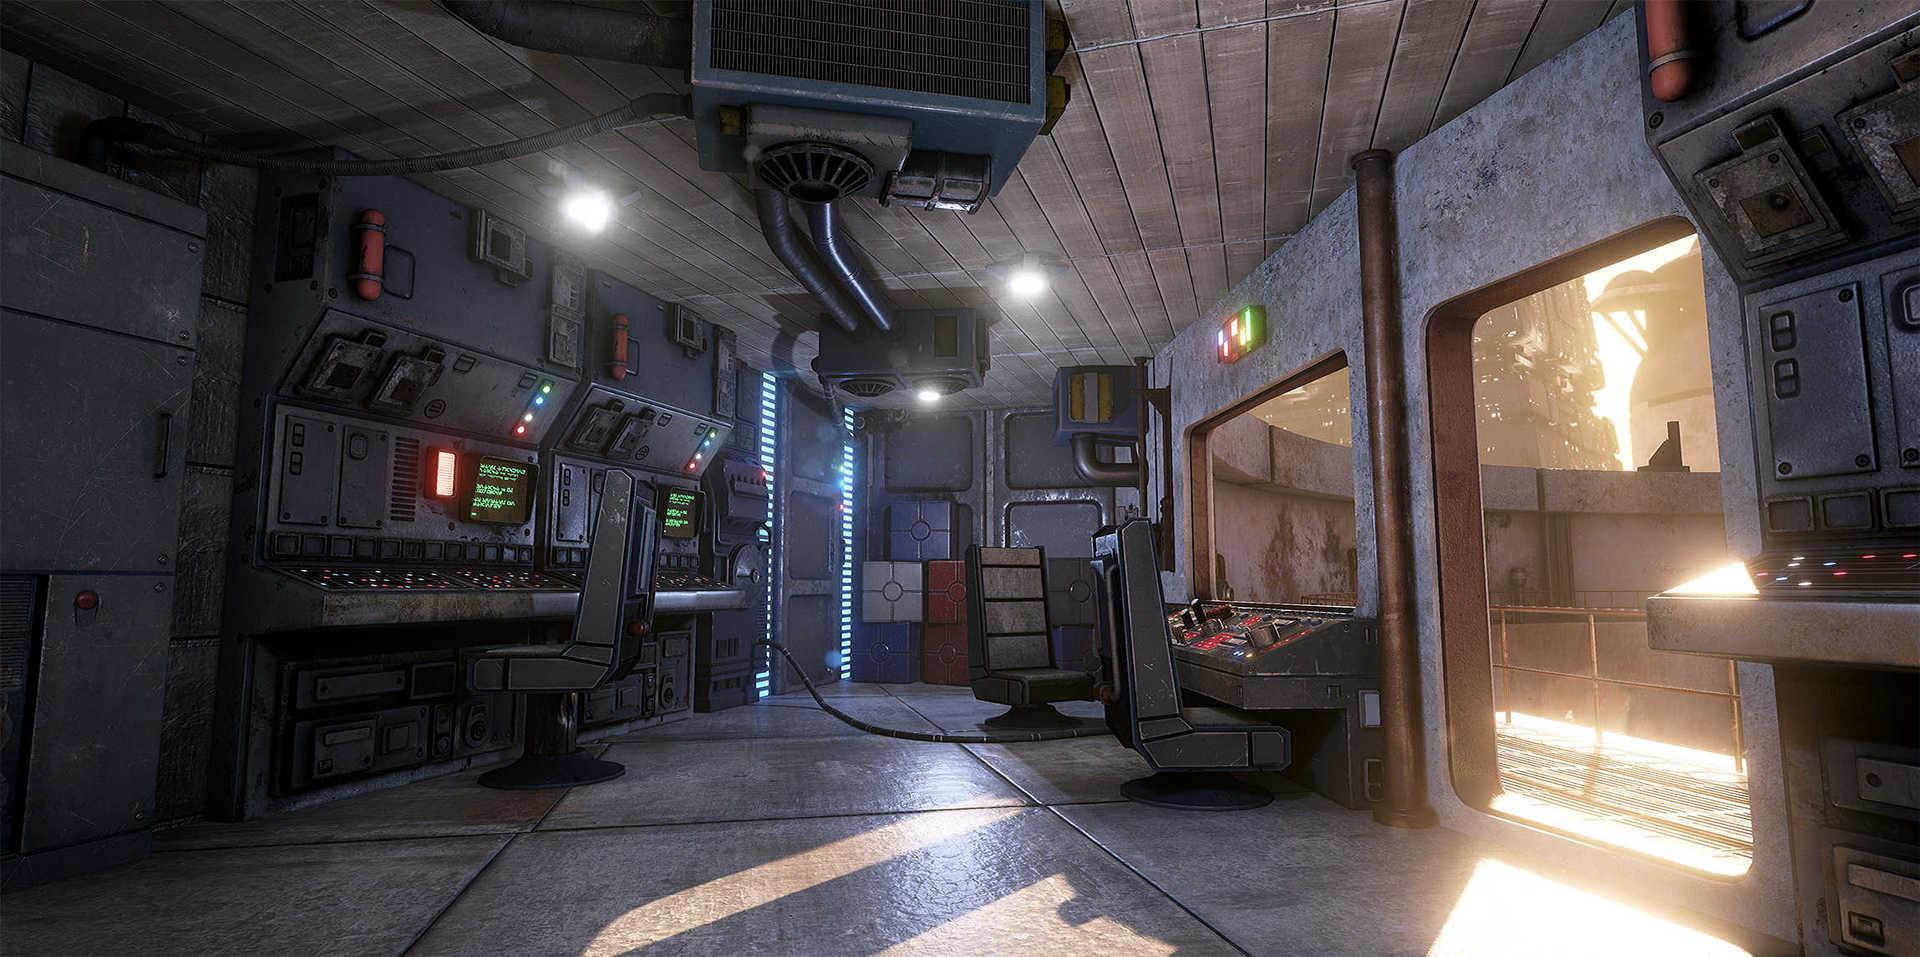 Создание сцены из Star Wars в Unreal Engine 4 - 12